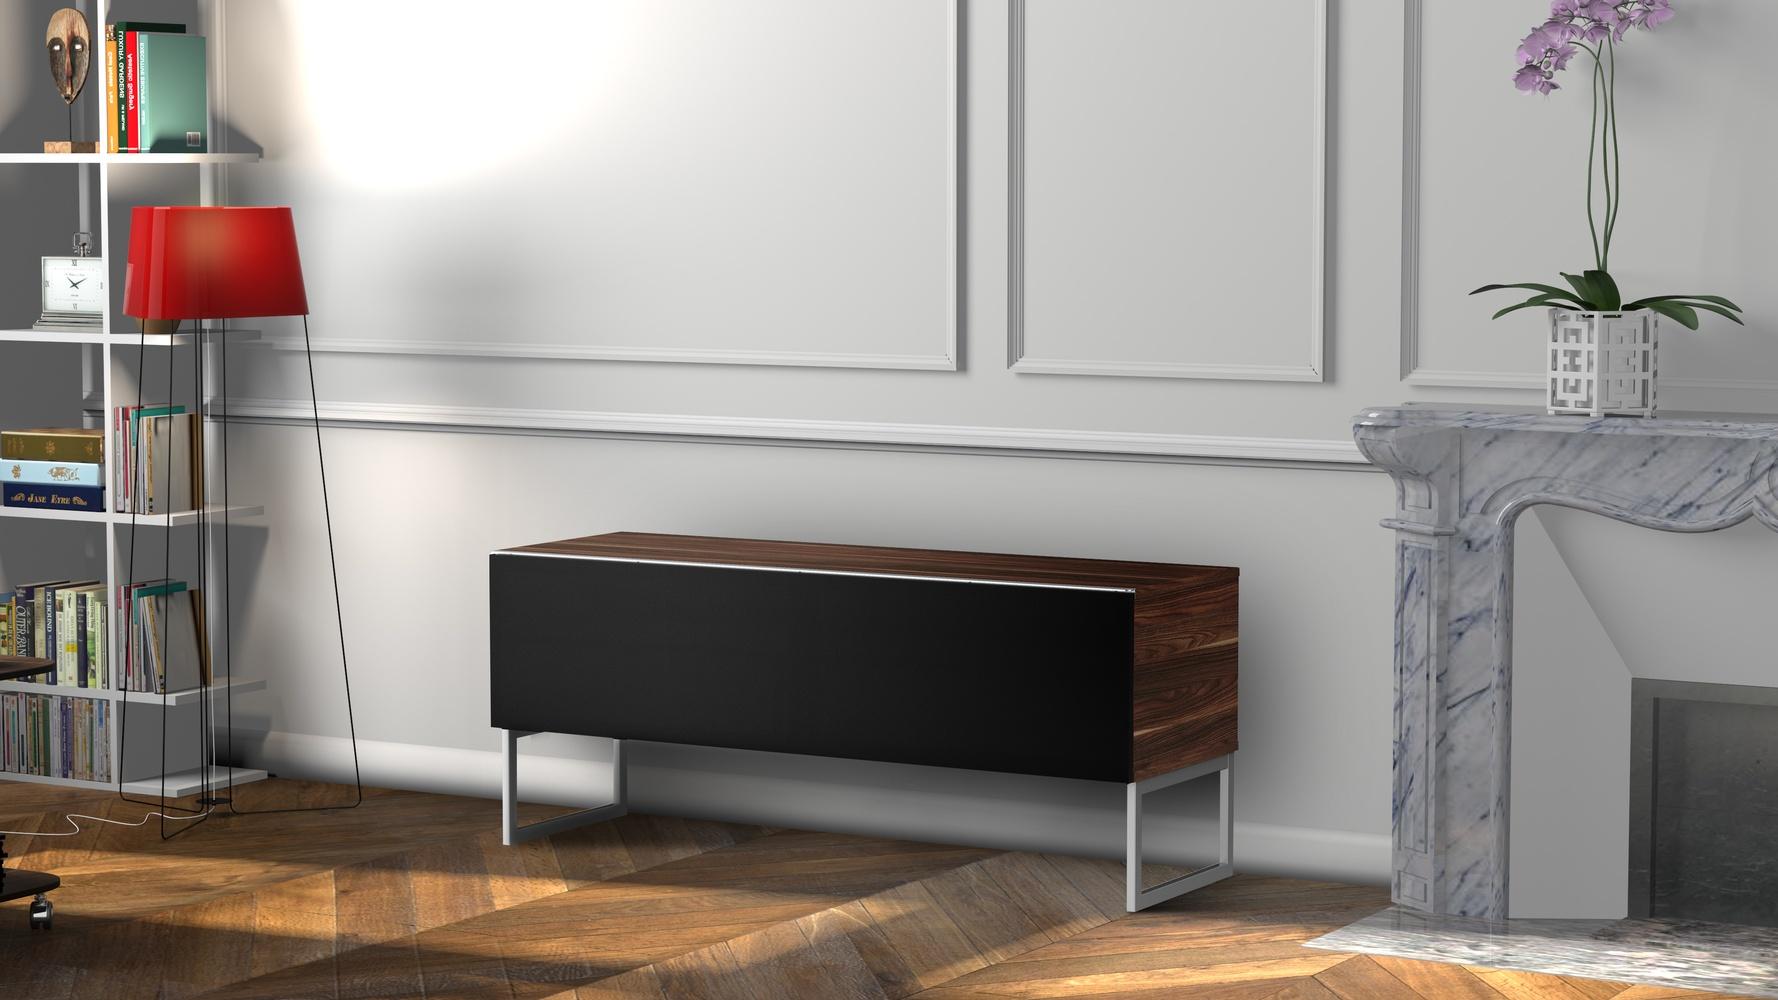 Meuble Tv Avec Cache Fils meliconi réinvente le meuble tv design – w3sh